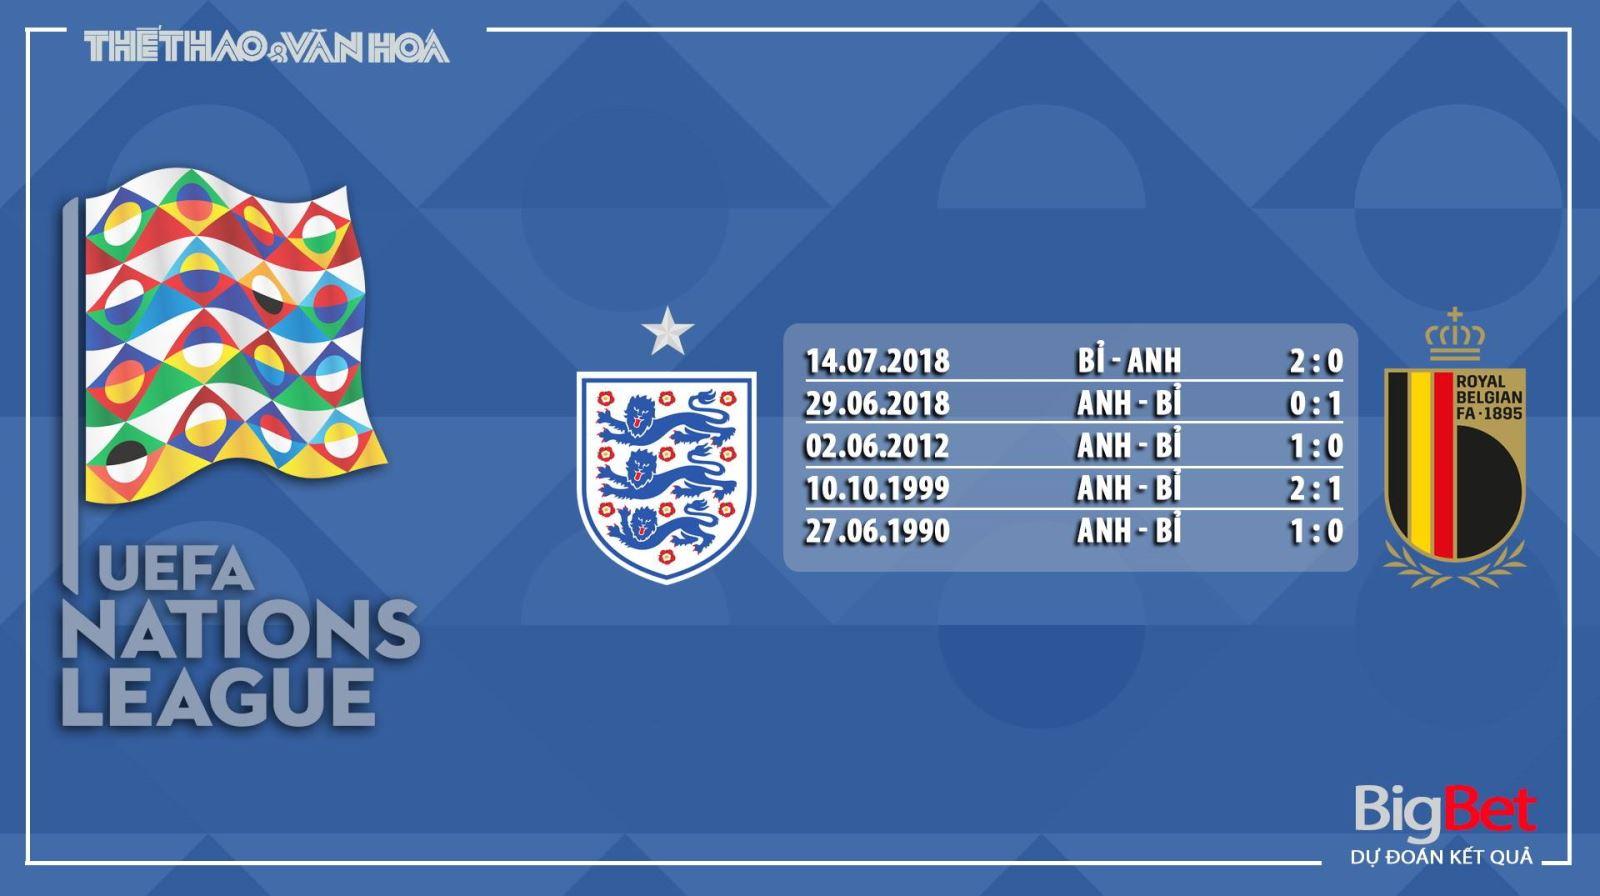 Anh vsBỉ, Anh, Bỉ, soi kèo Anh vsBỉ, kèo bóng đá Anh vsBỉ, UEFA Nations League, nhận định Anh vsBỉ, Anh đấu với Bỉ